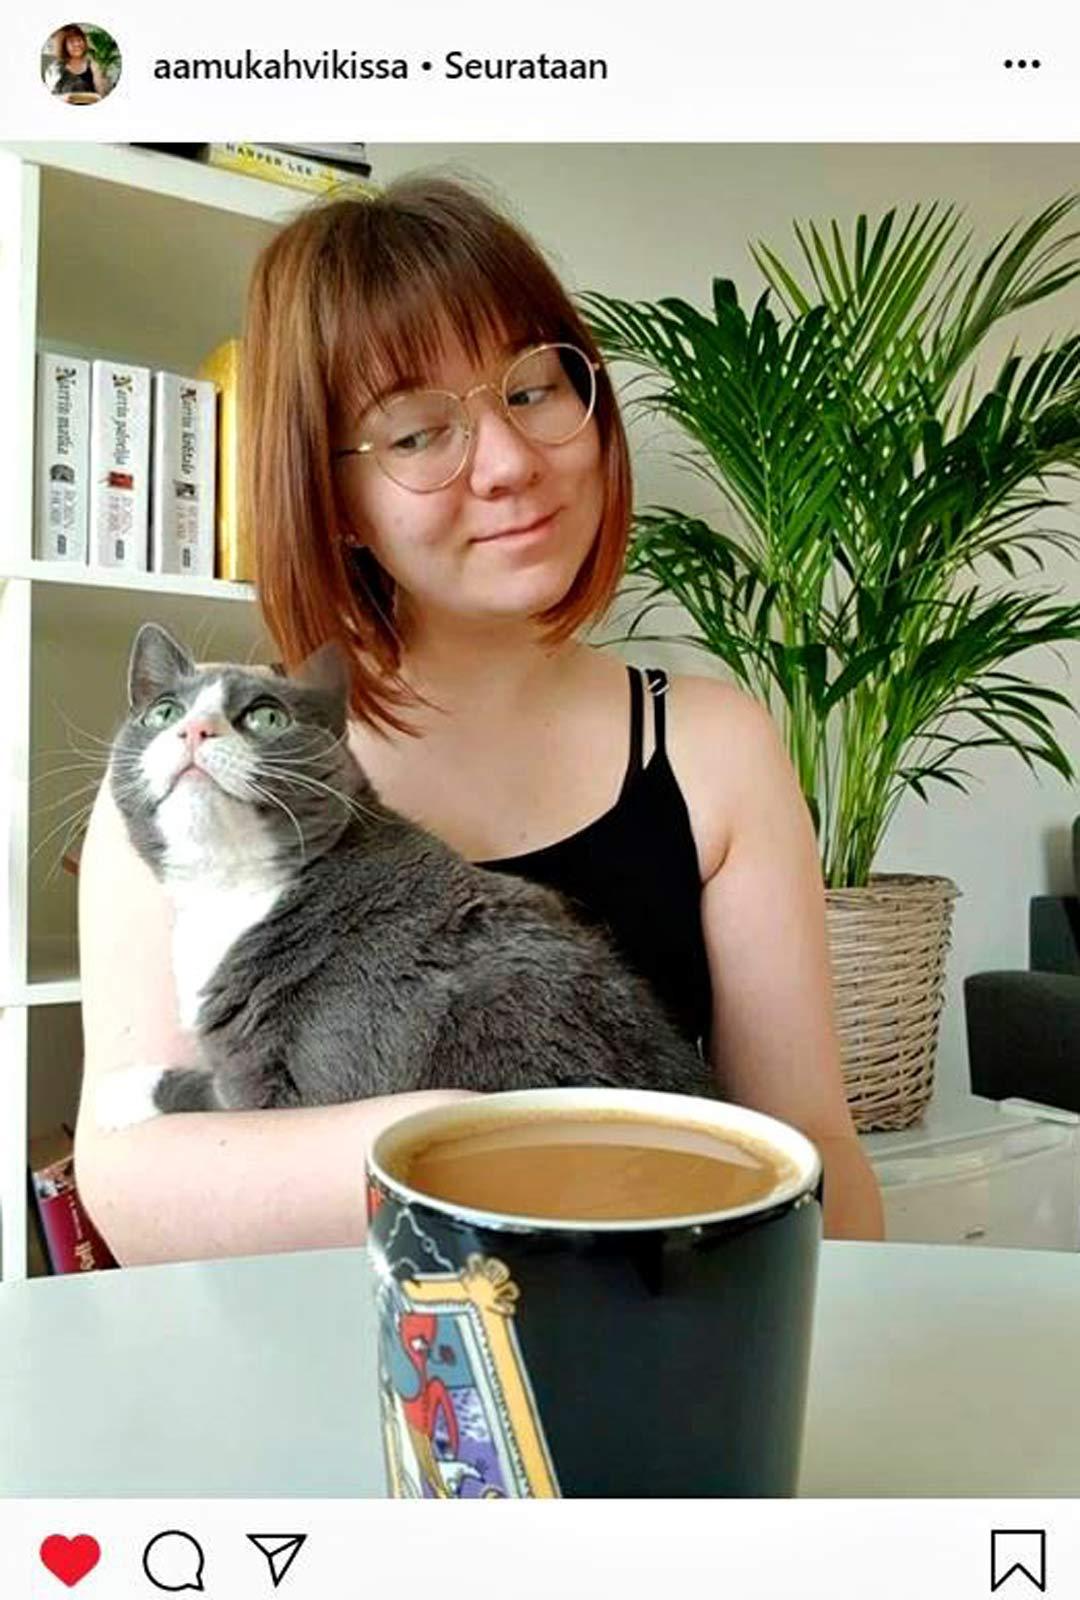 Tiina Kemppaisen Instagram-kuvissa veikeäilmeinen kissa istuu emäntänsä sylissä kahvikupposen äärellä.